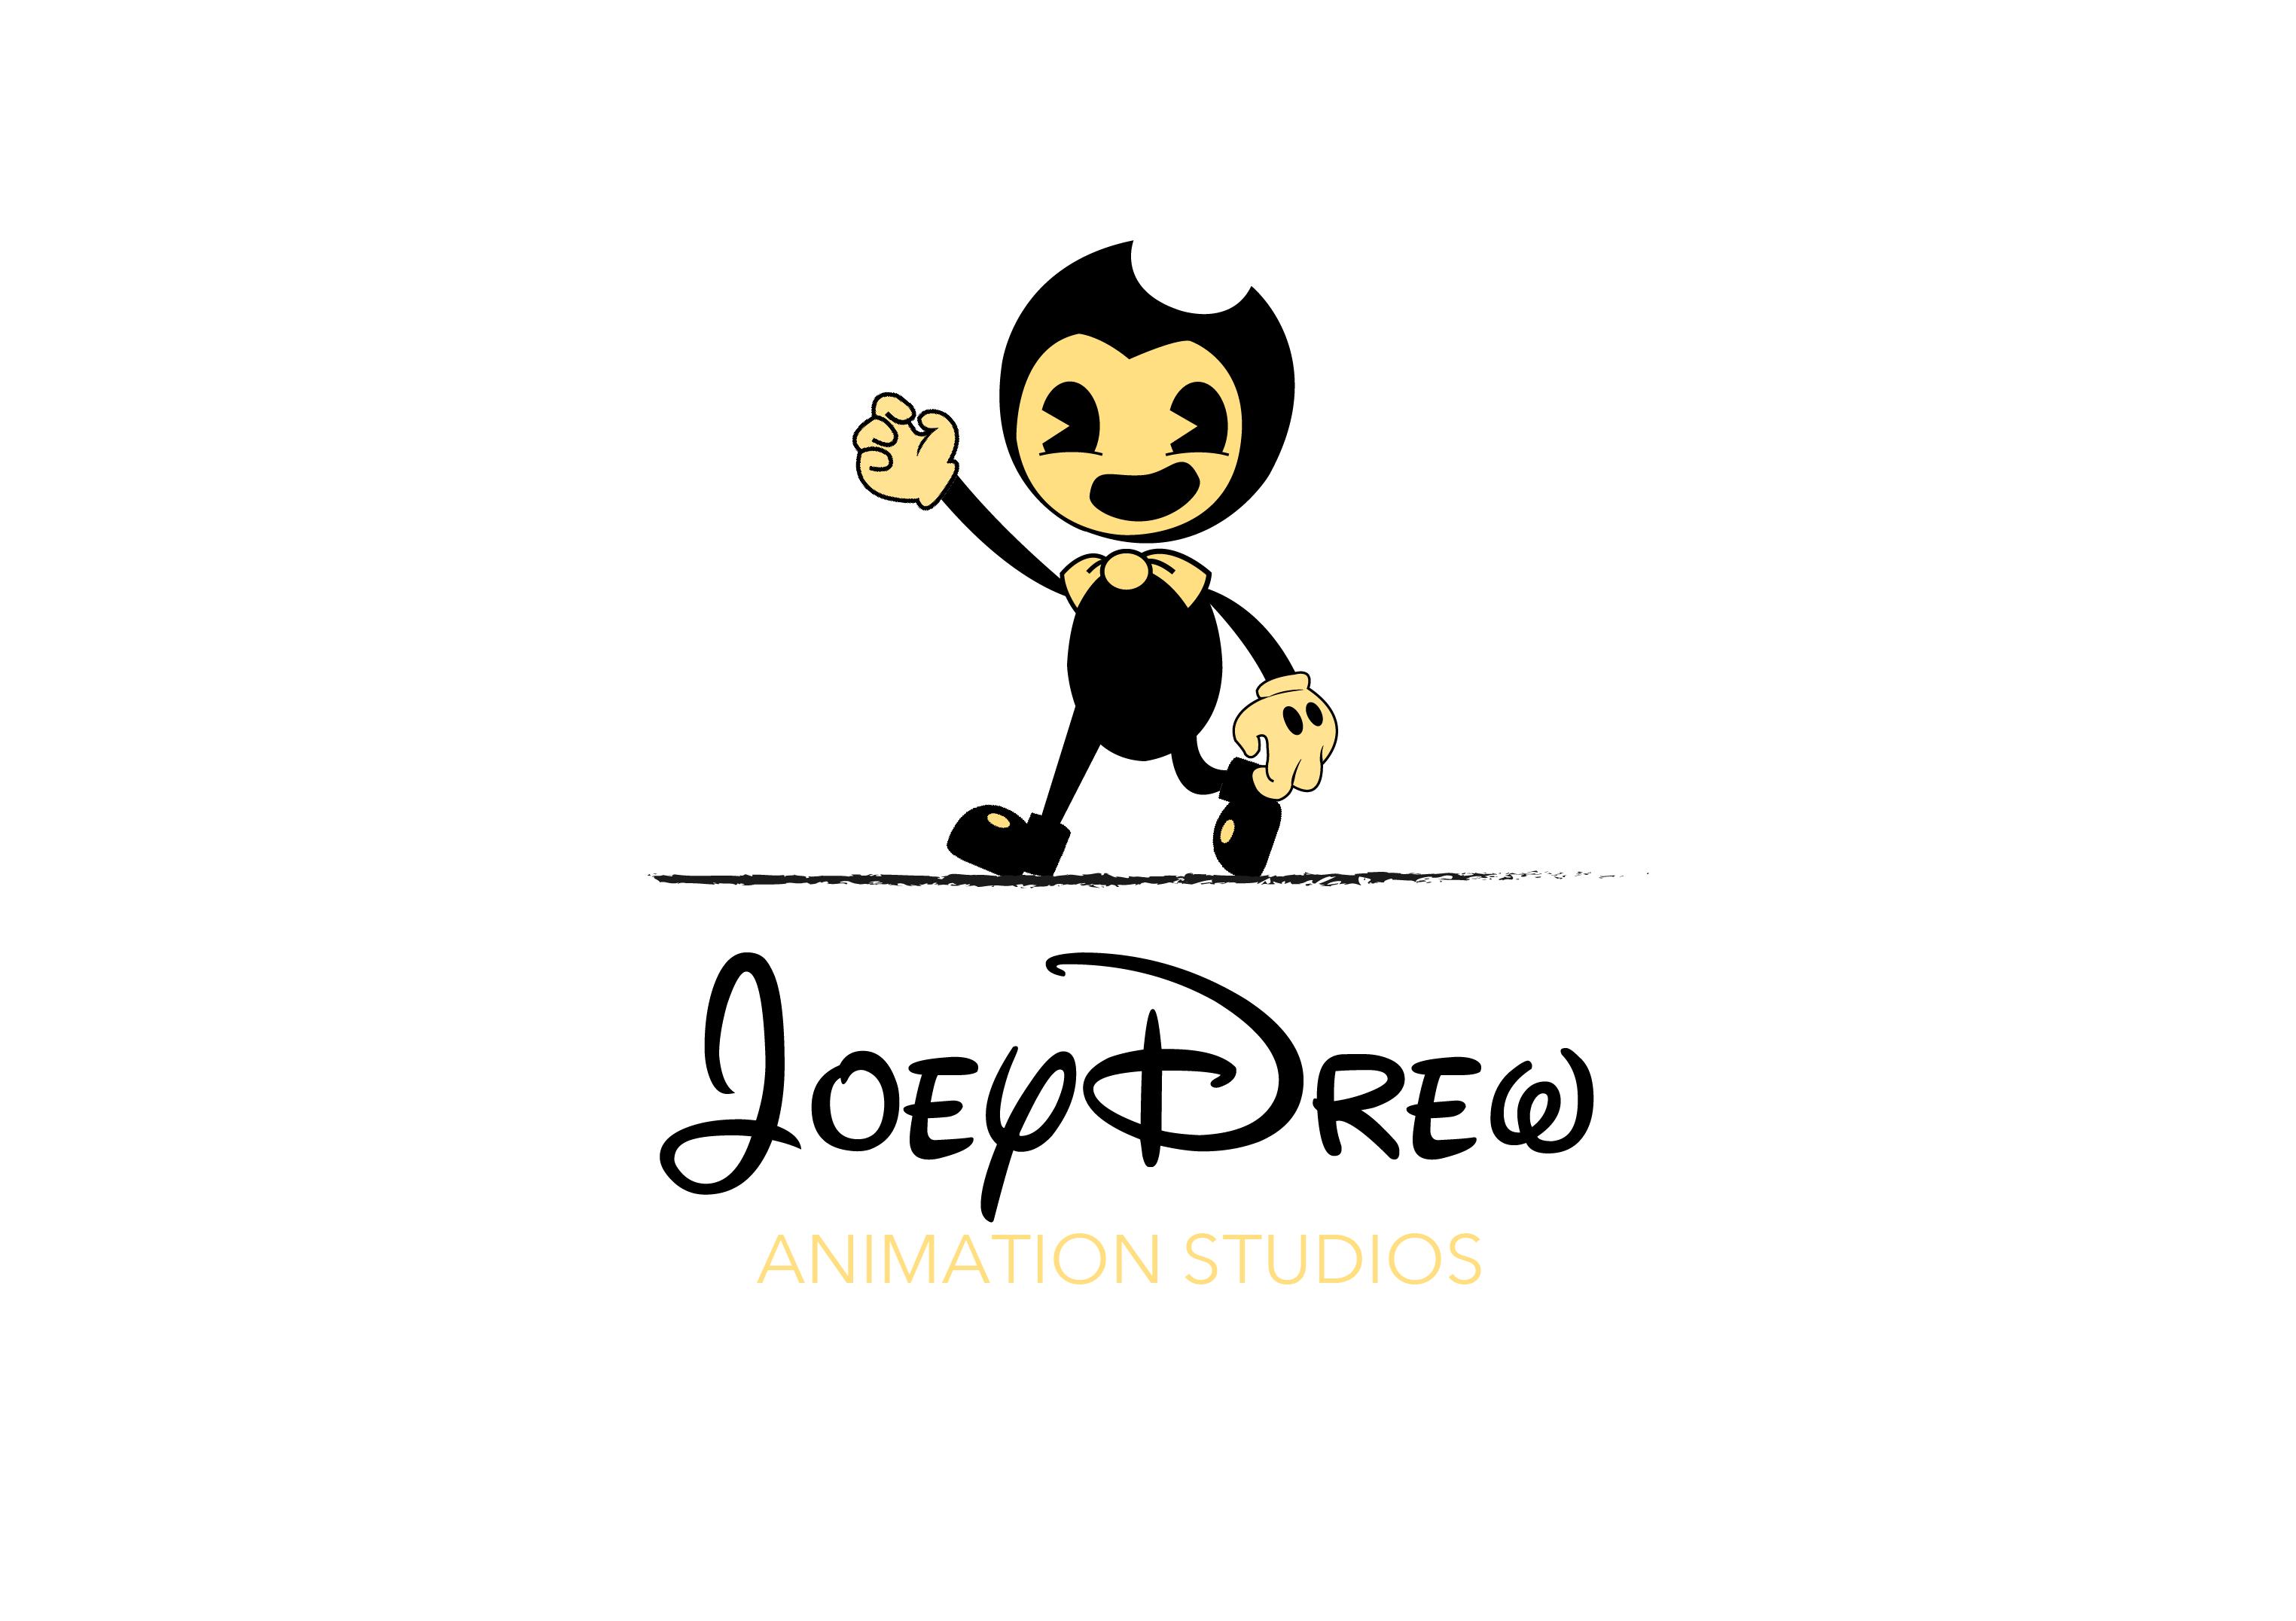 JoeyDrewStudio Logo (DisneyStyle) by Rui0730